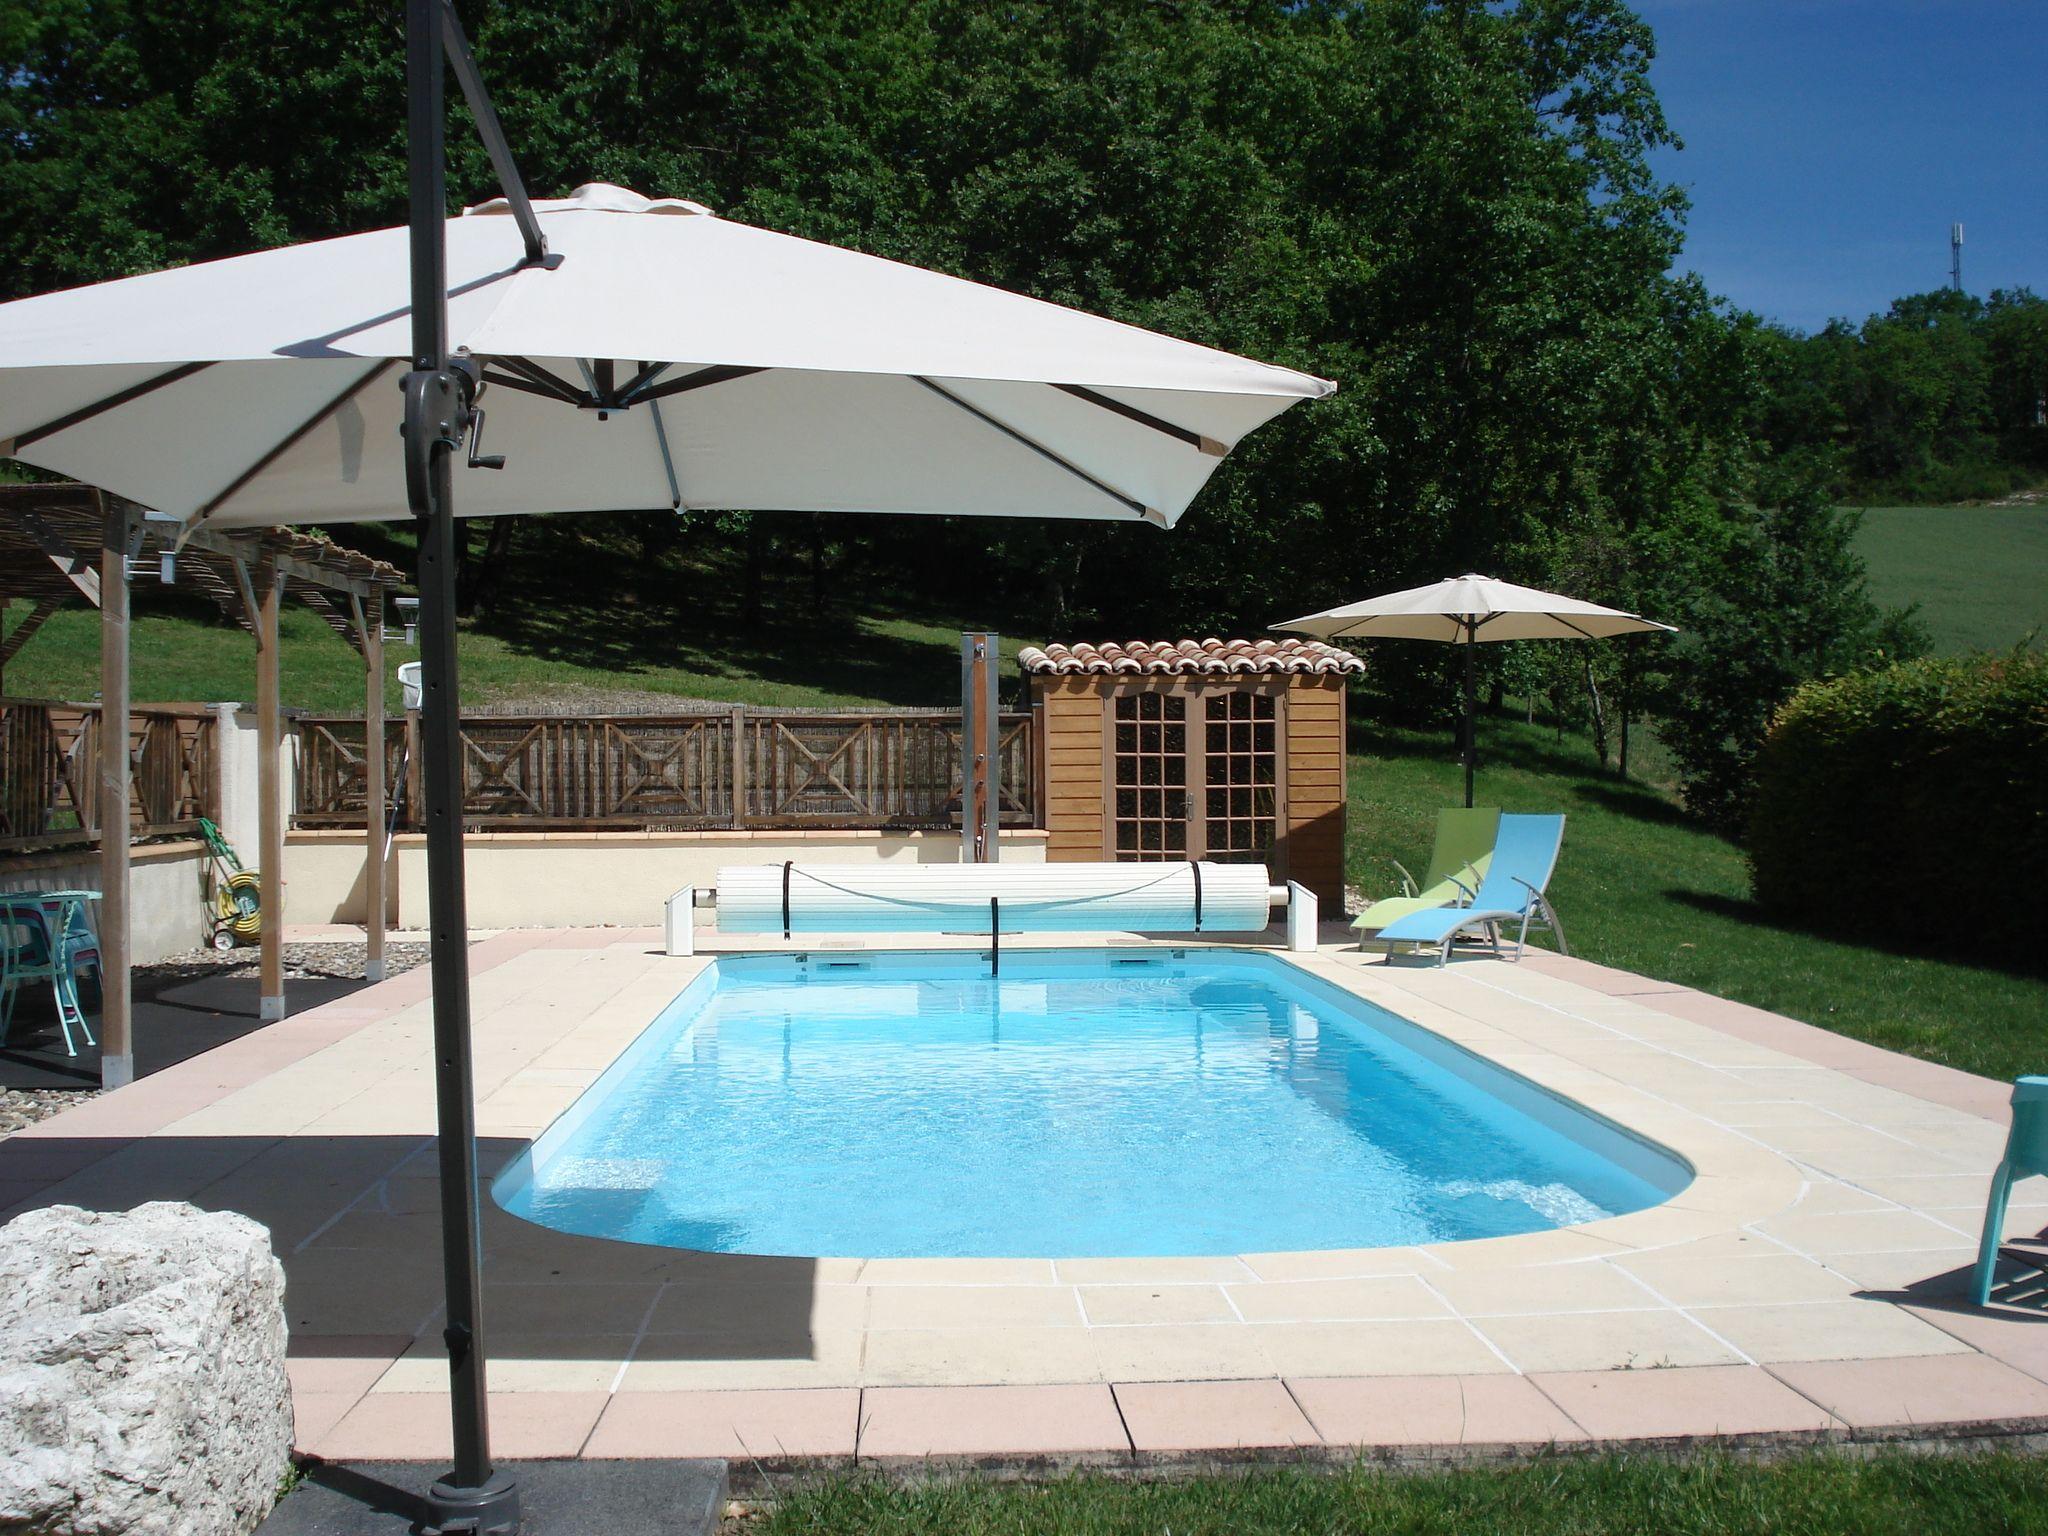 zwembad Vakantiehuis Frankrijk LousRouquets